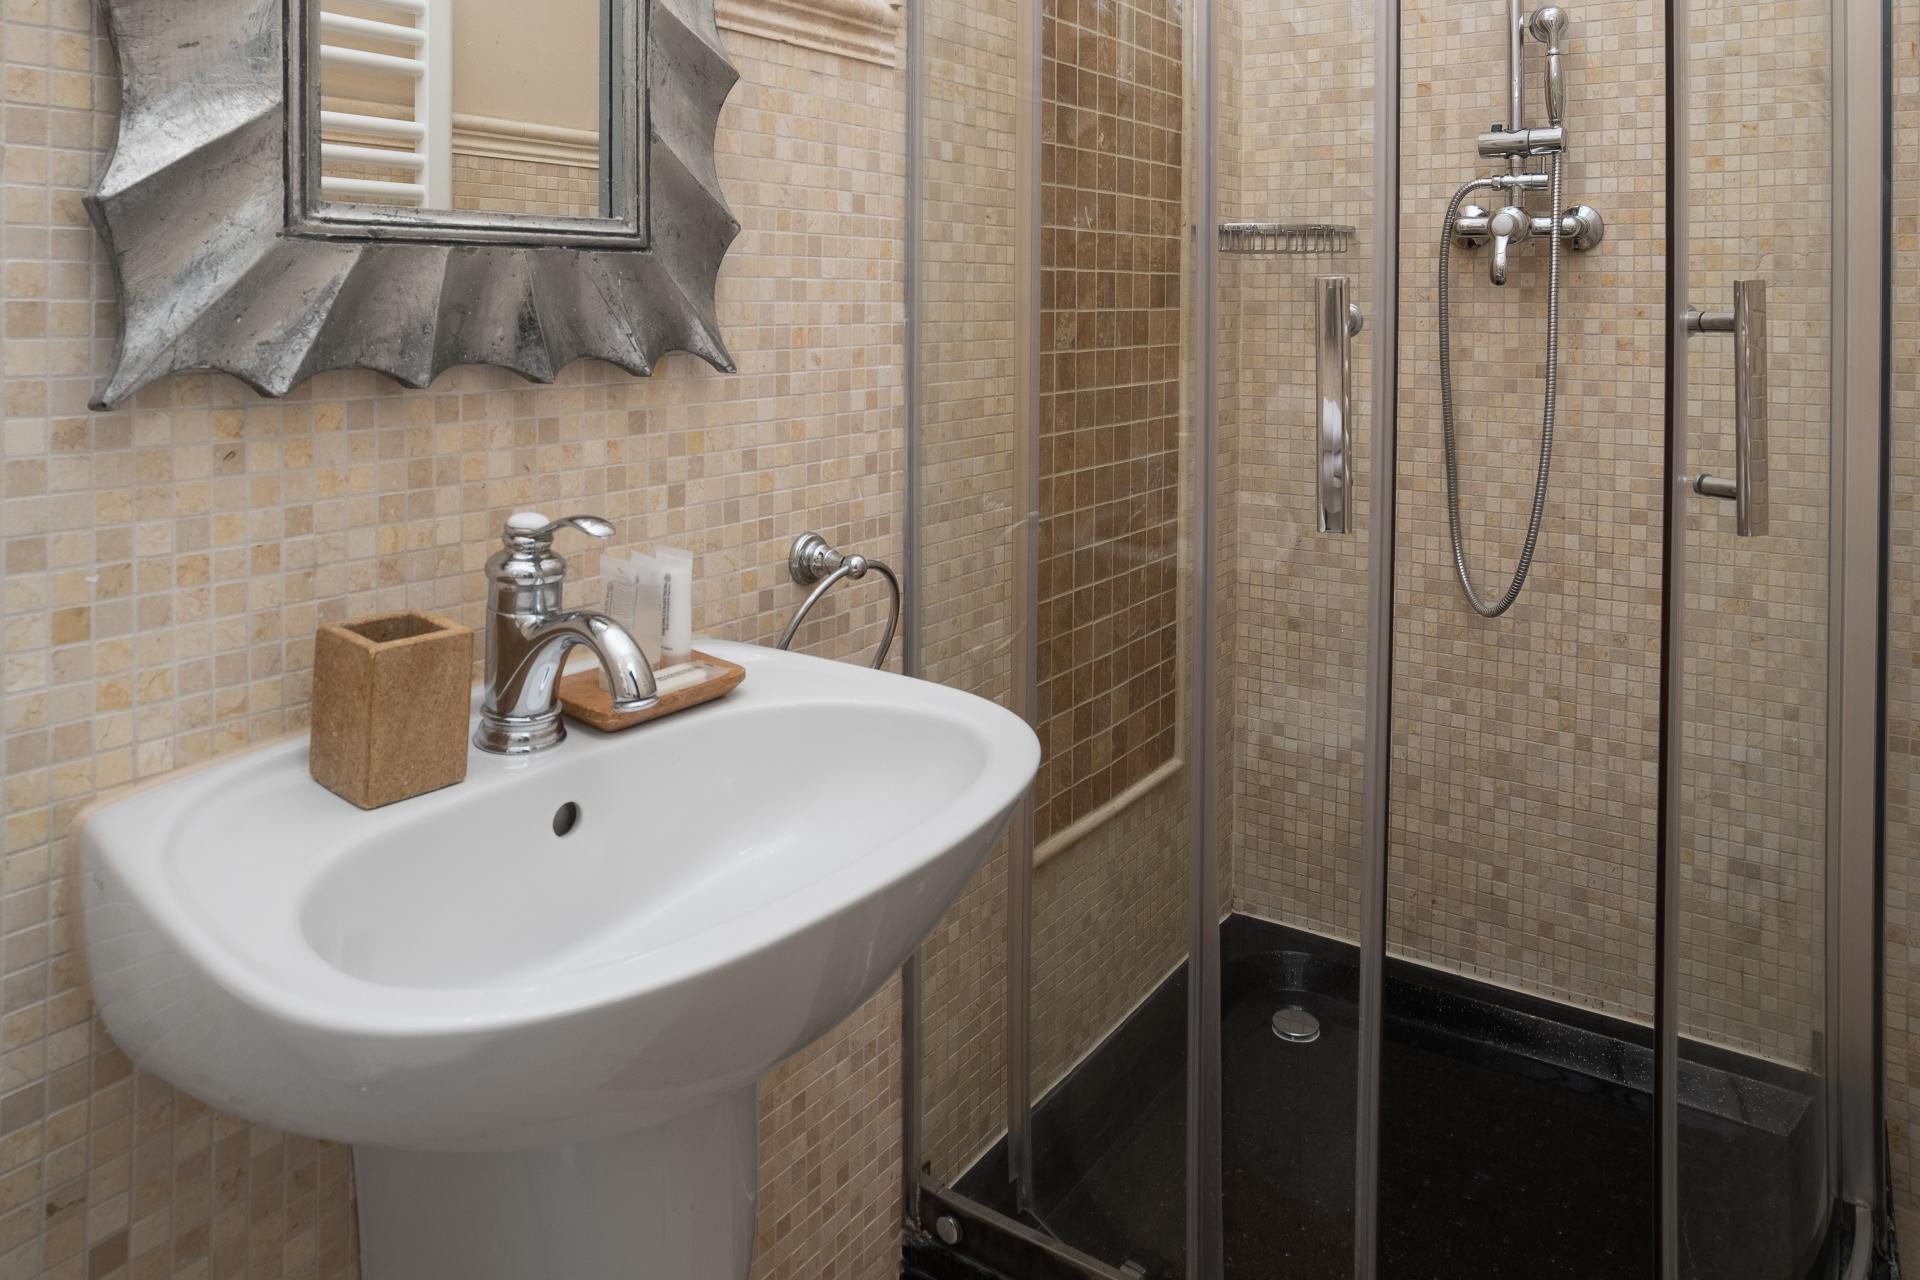 Shower at  Palacina Berlin Apartments - Citybase Apartments